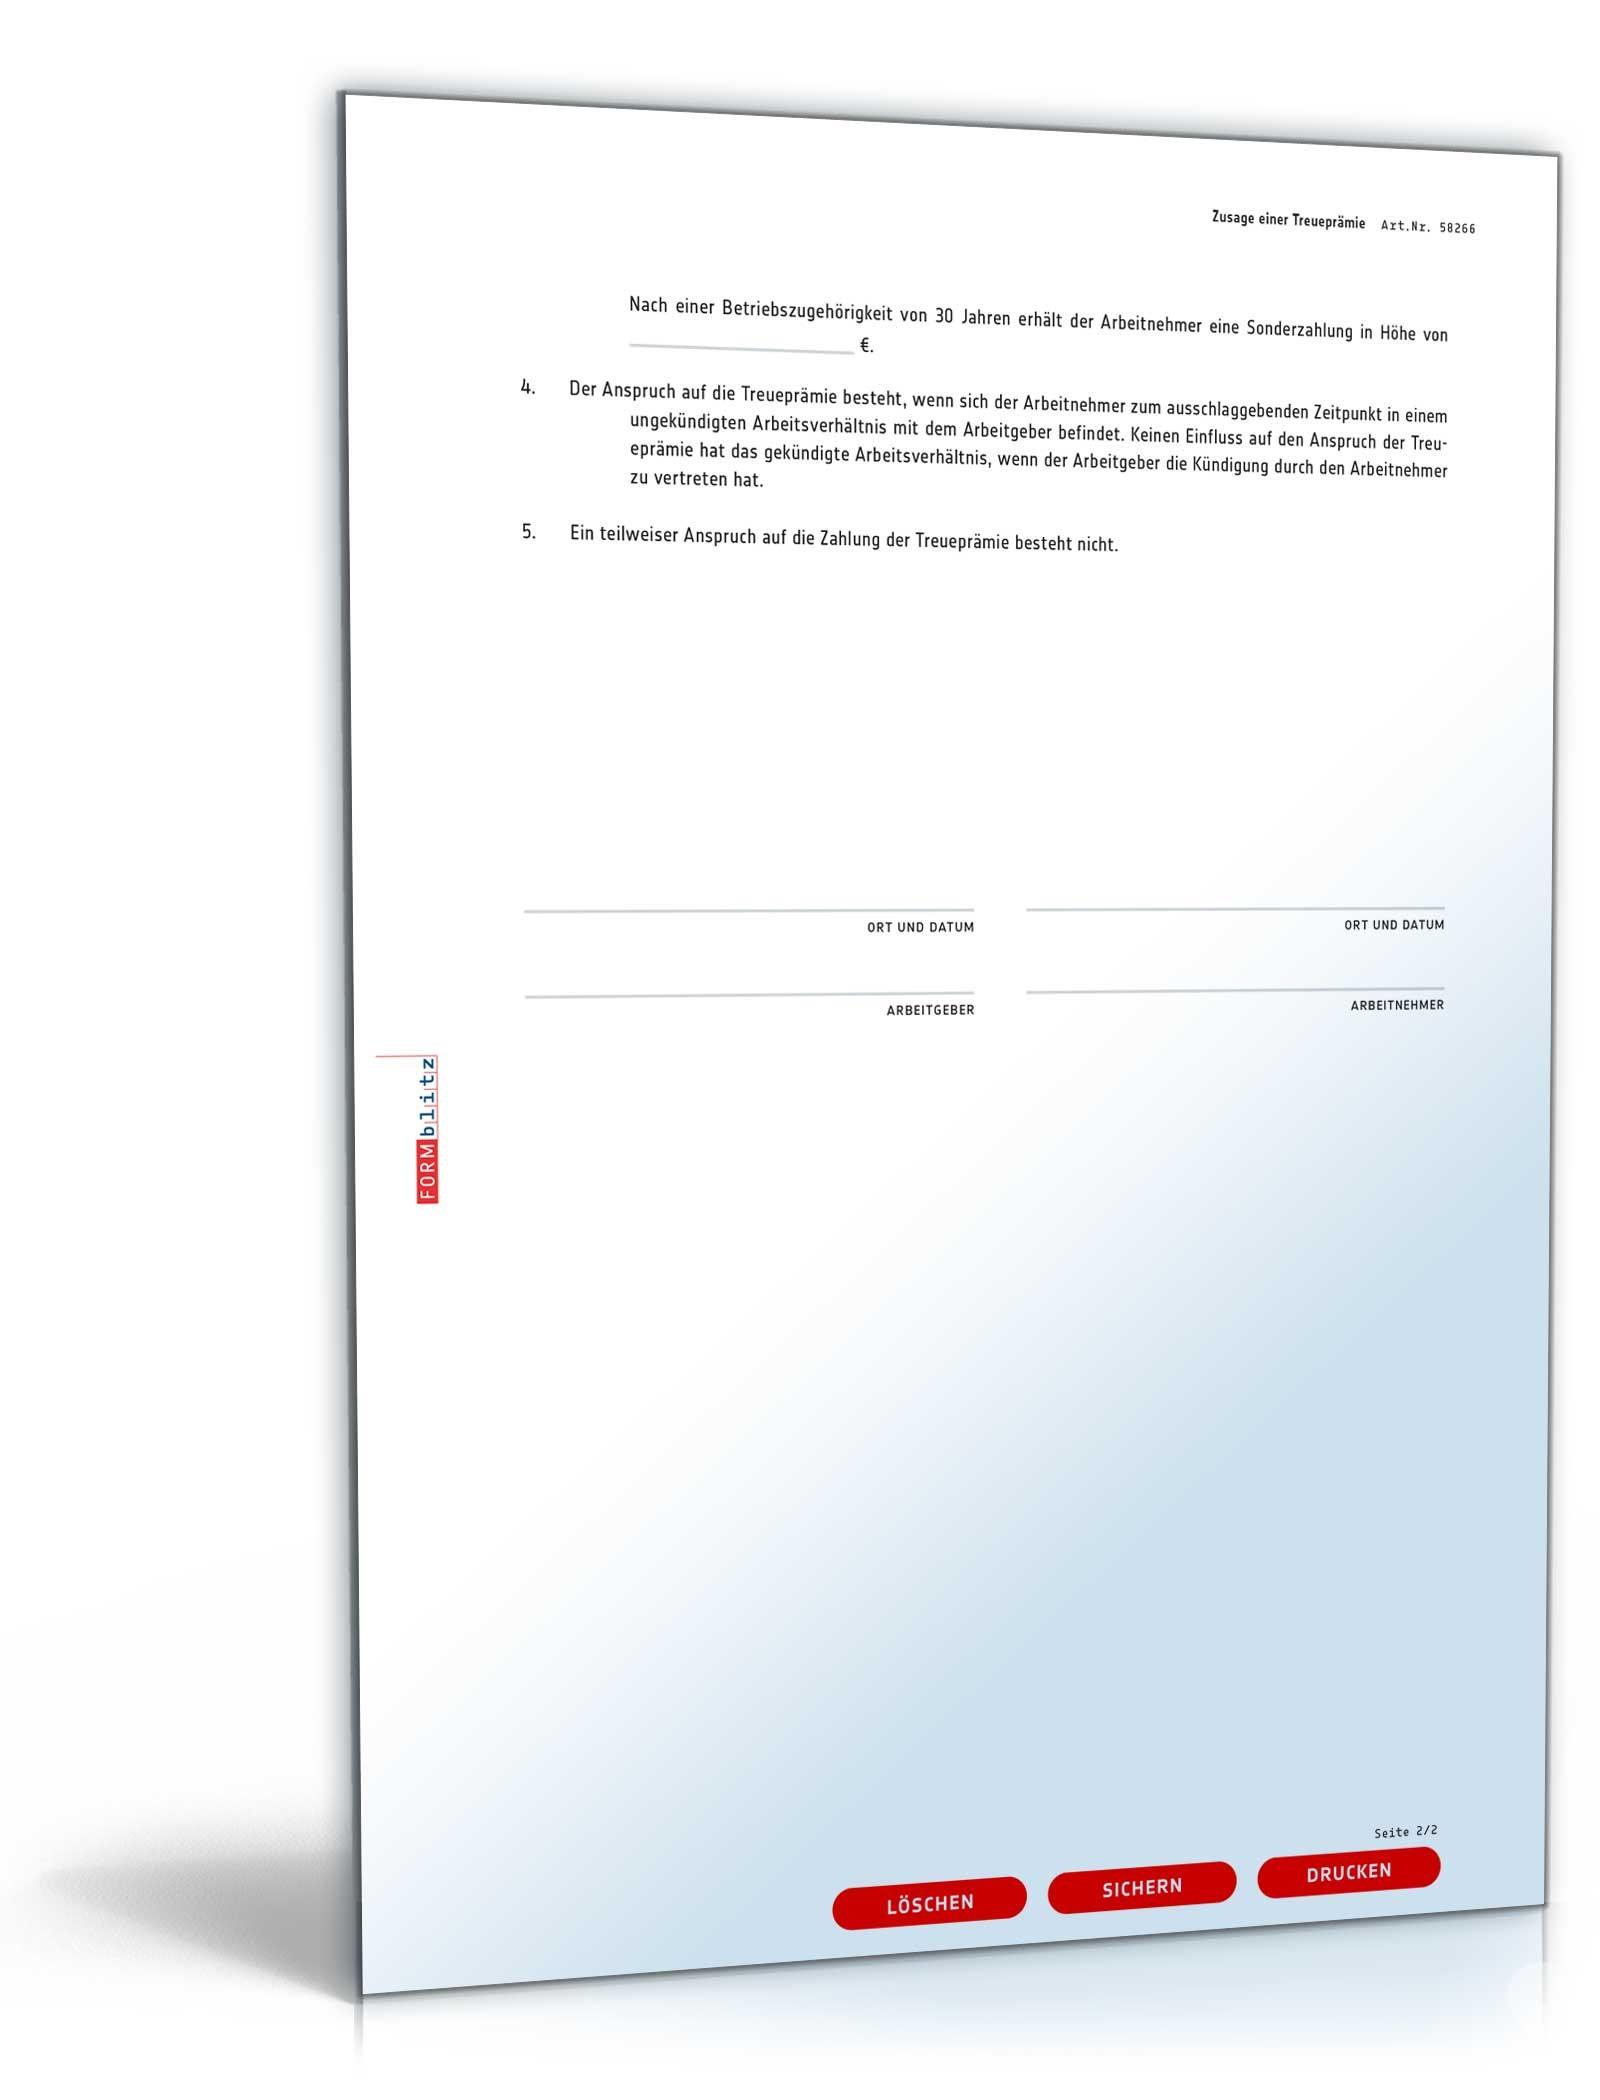 Zusage Einer Treueprämie Muster Vorlage Zum Download